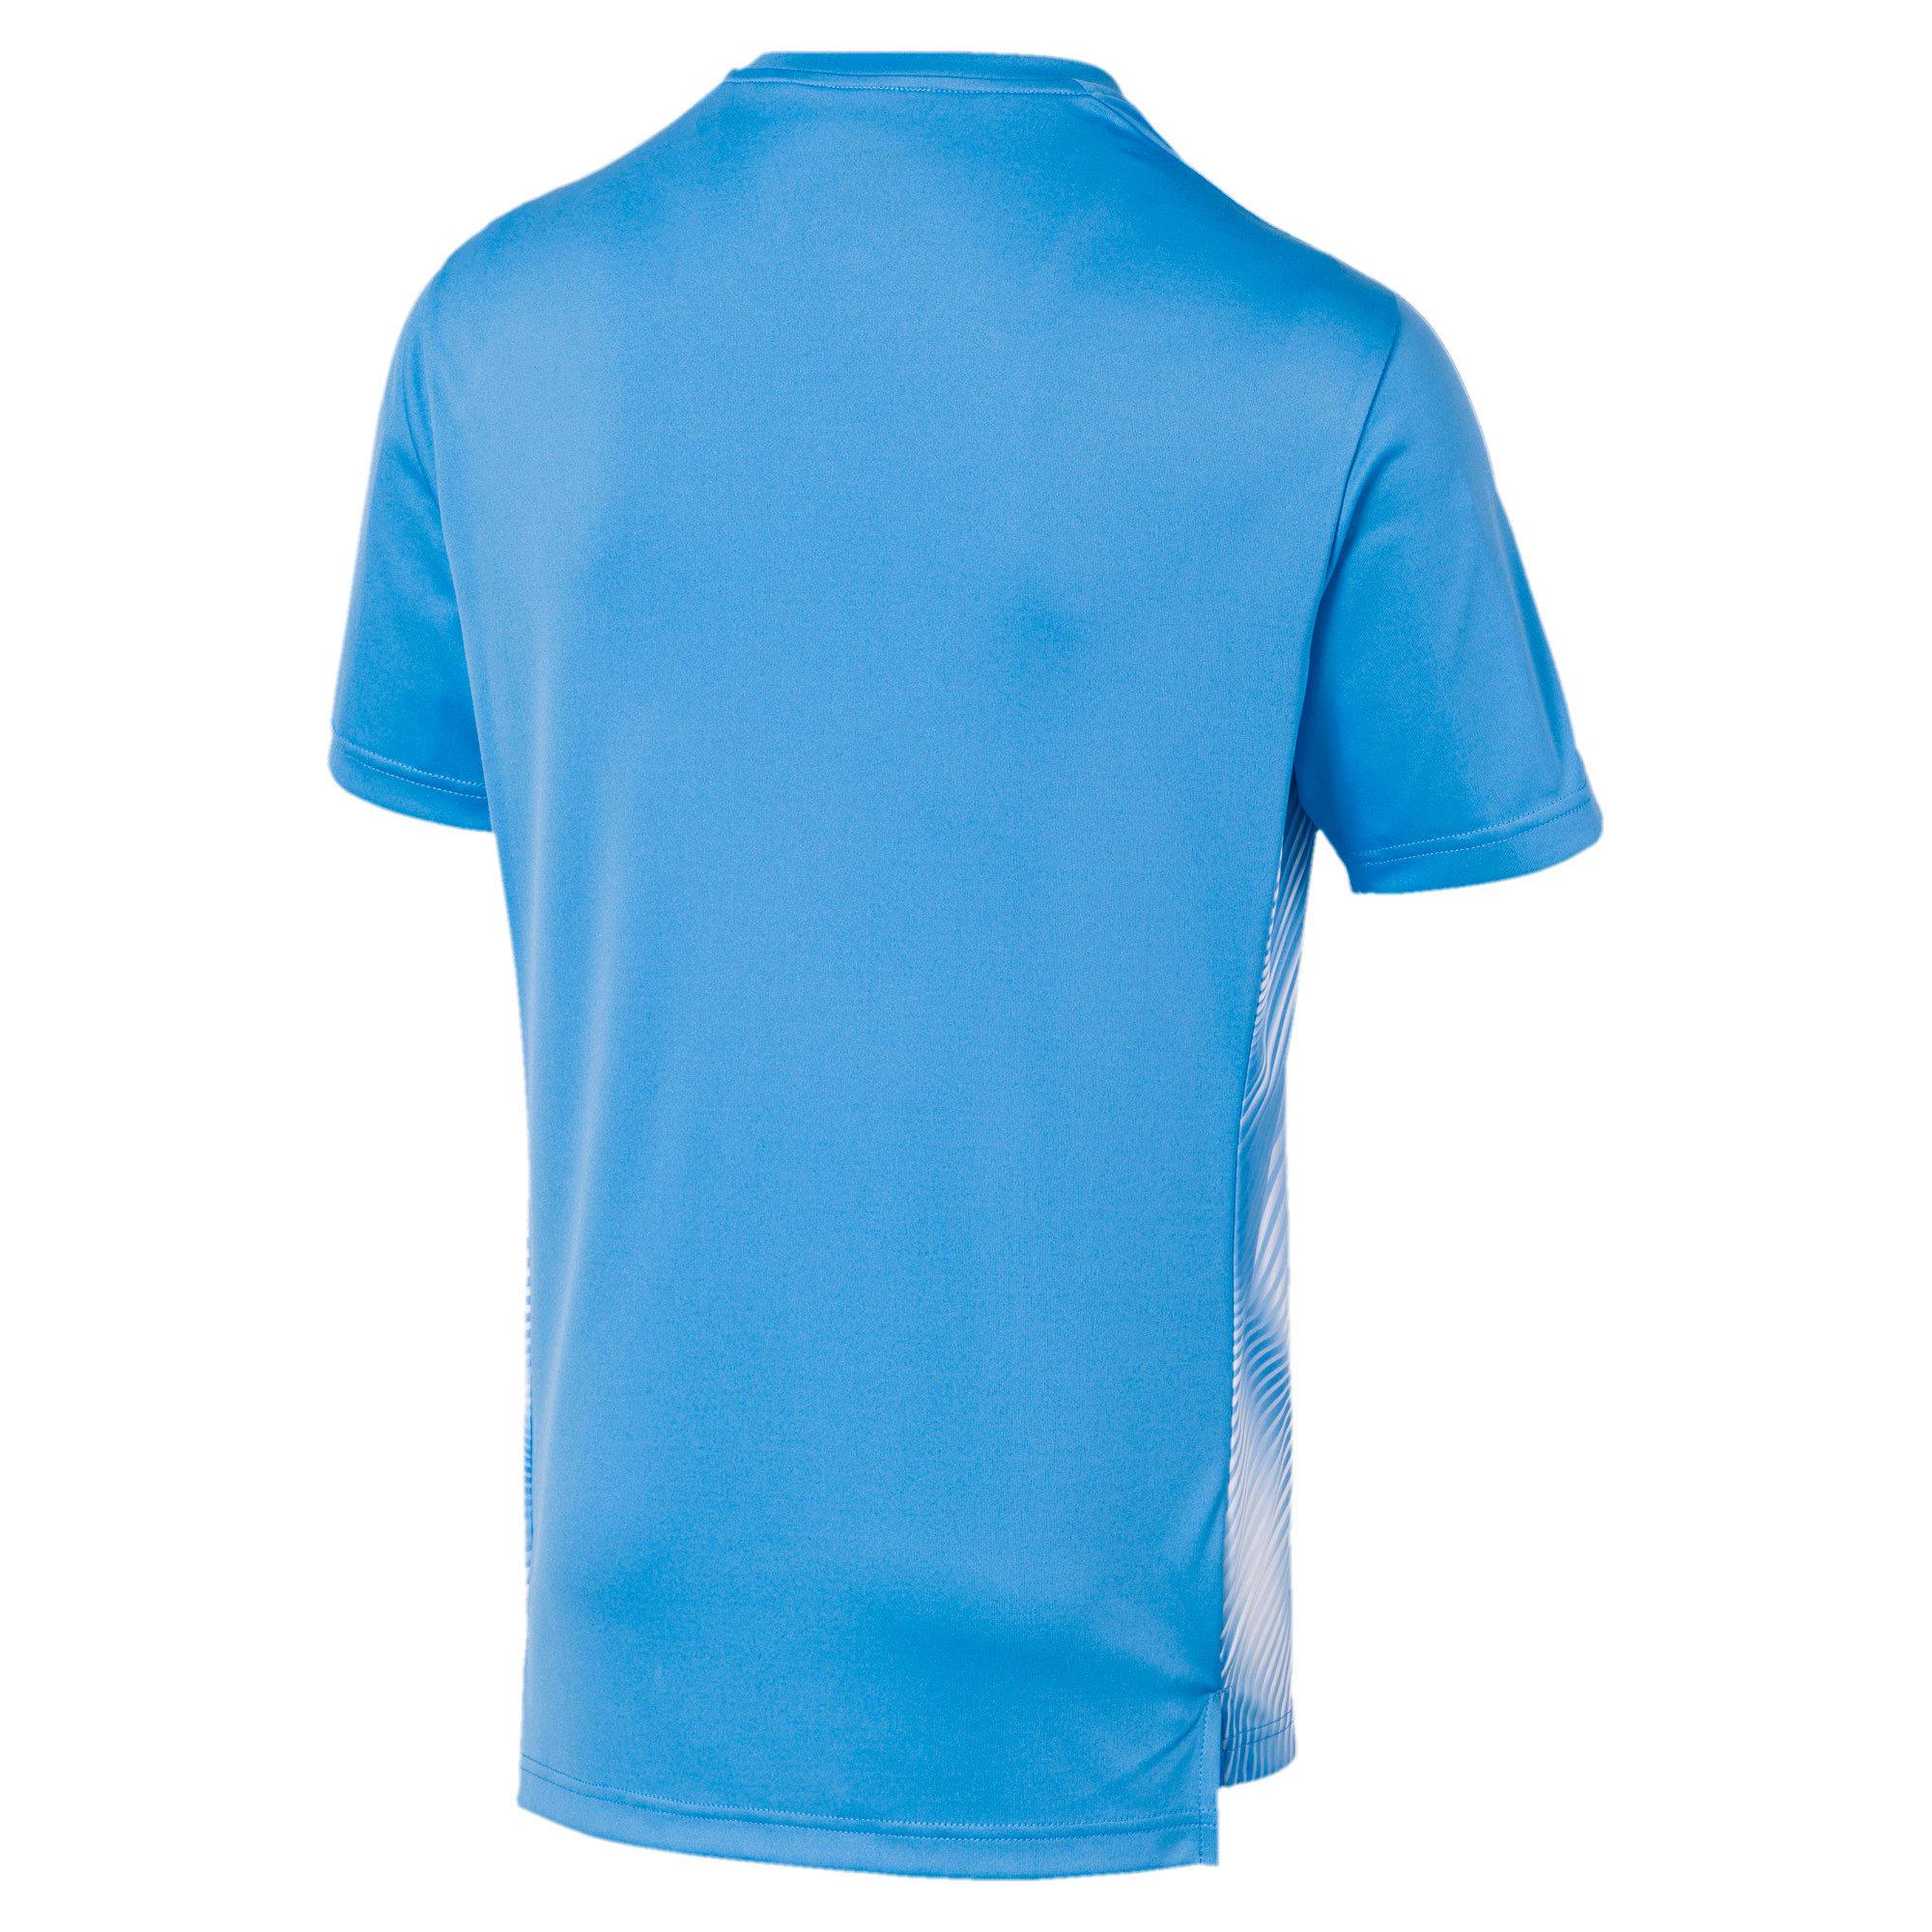 Miniatura 2 de Camiseta Olympique de Marseille Domestic League Stadiumpara hombre, Bleu Azur-Puma White, mediano